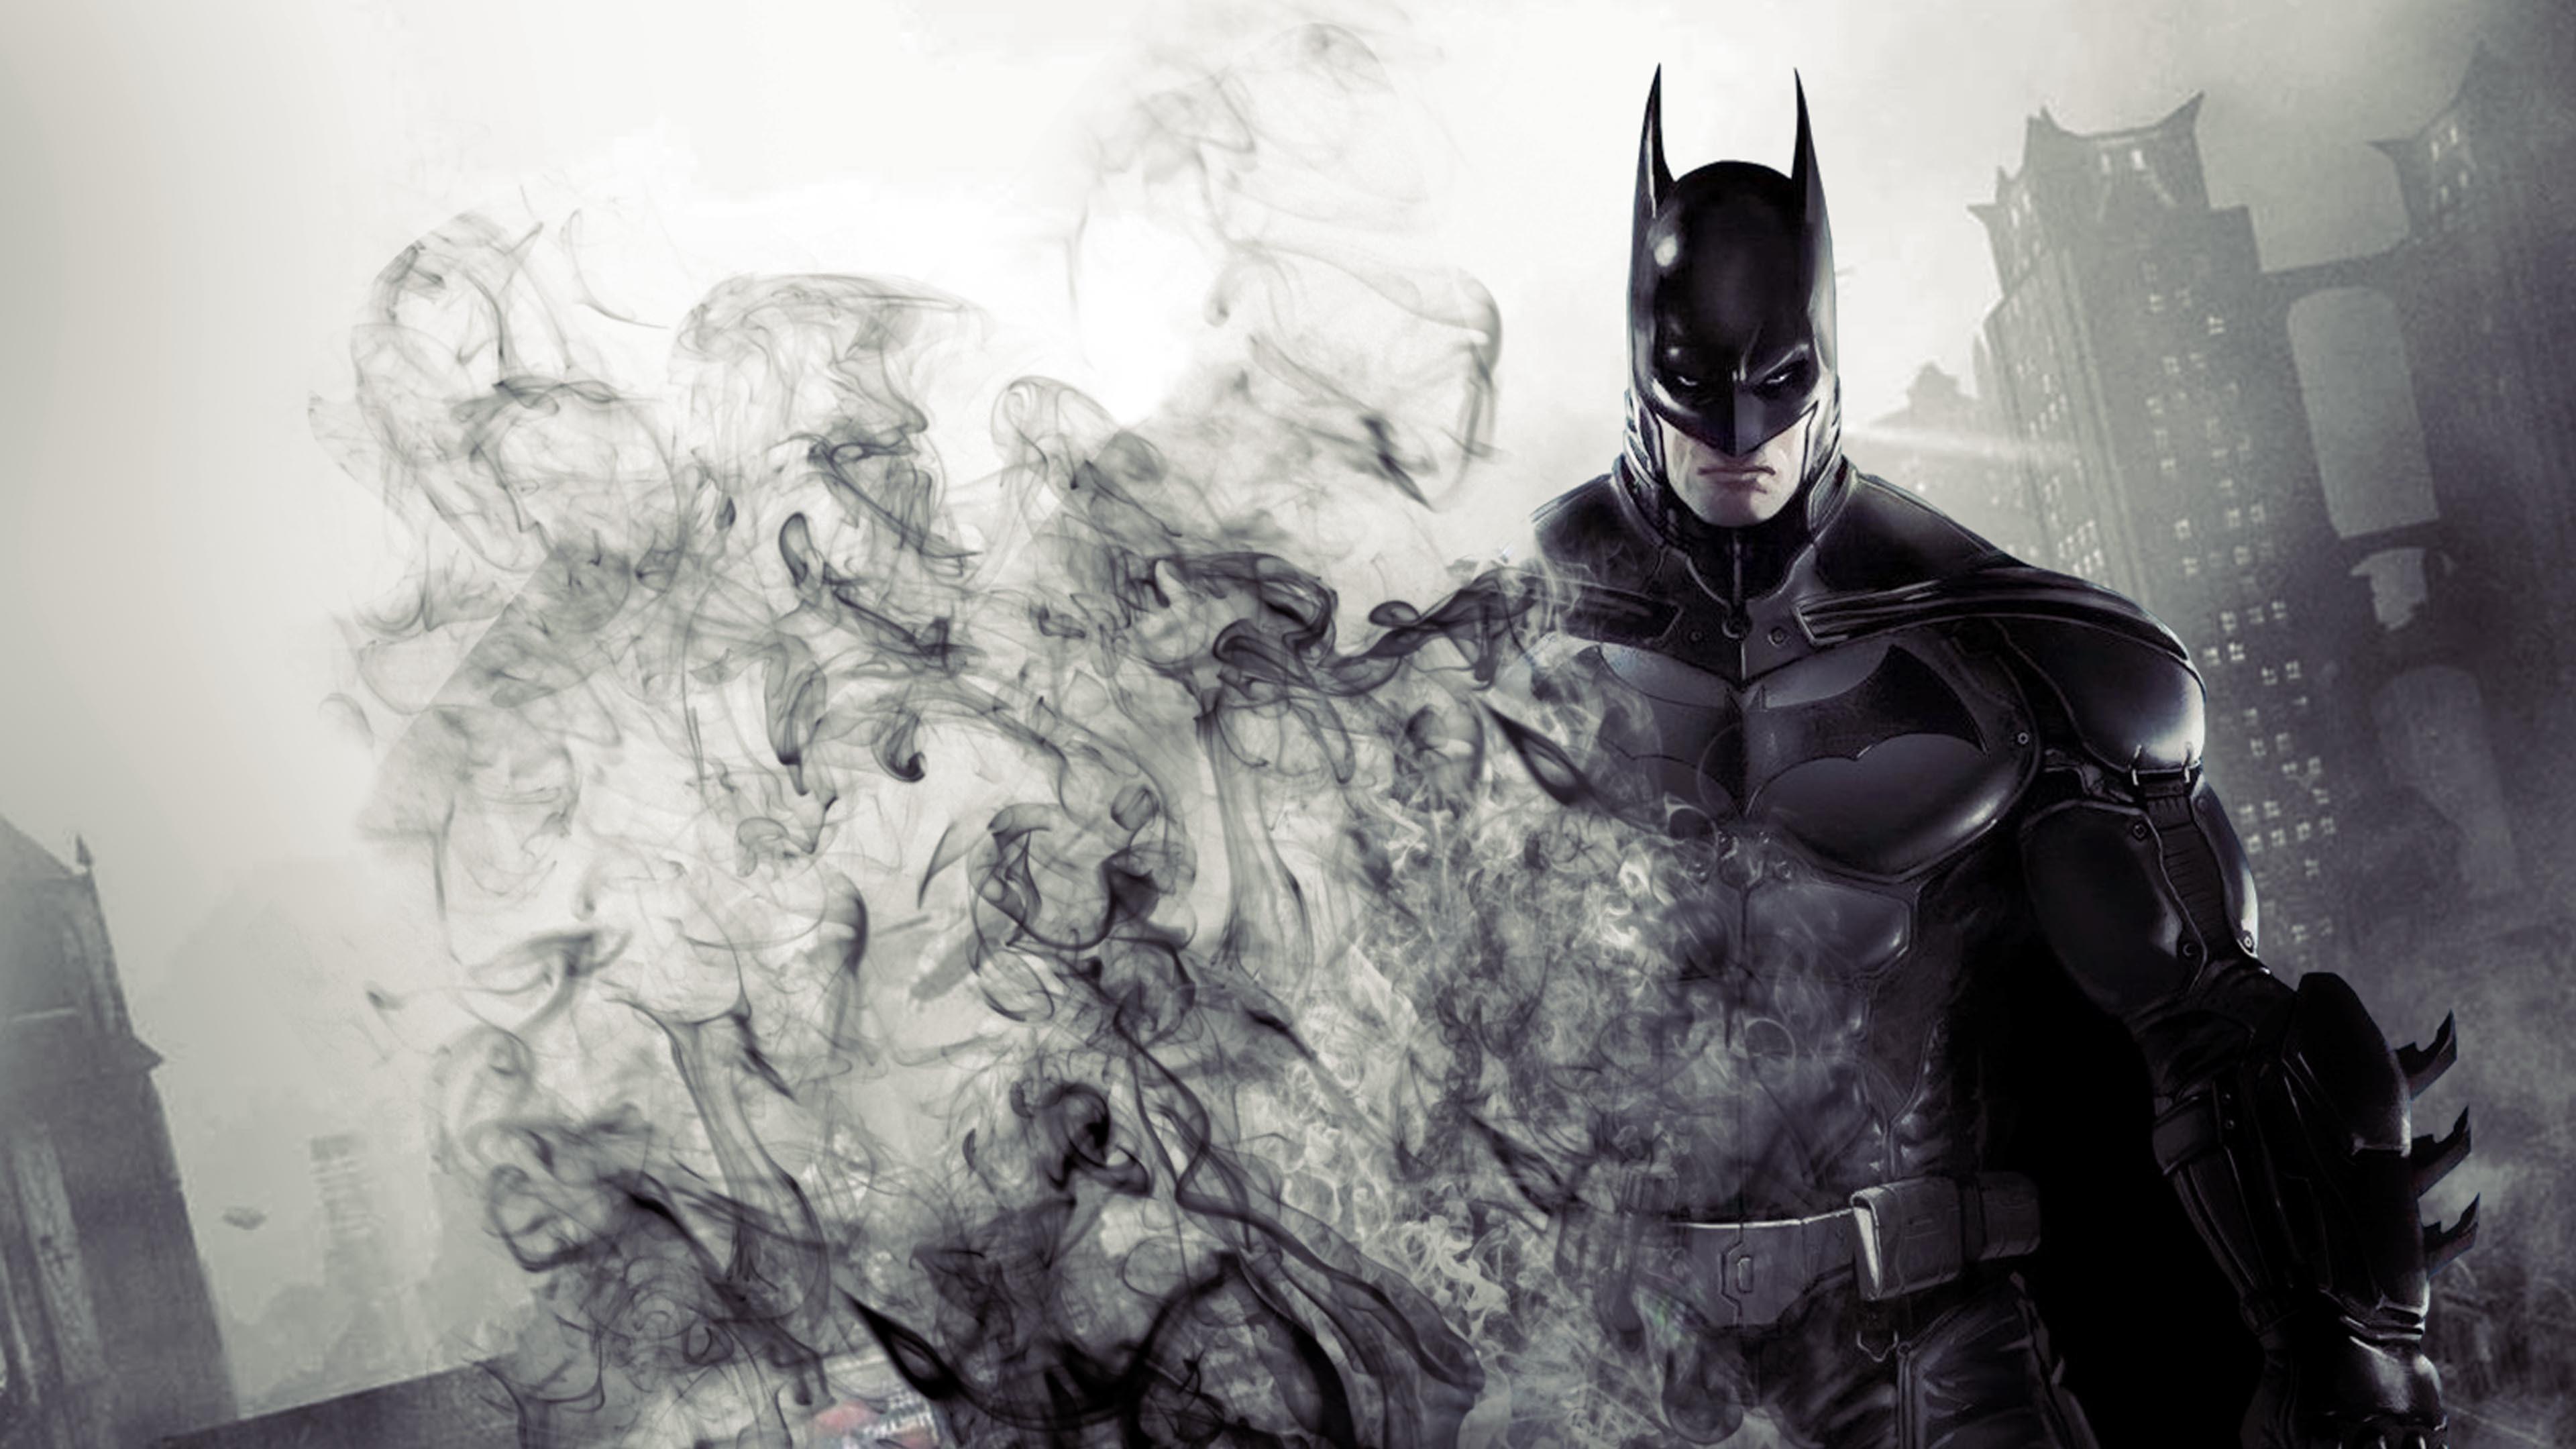 Batman 4K Wallpaper wallpaper